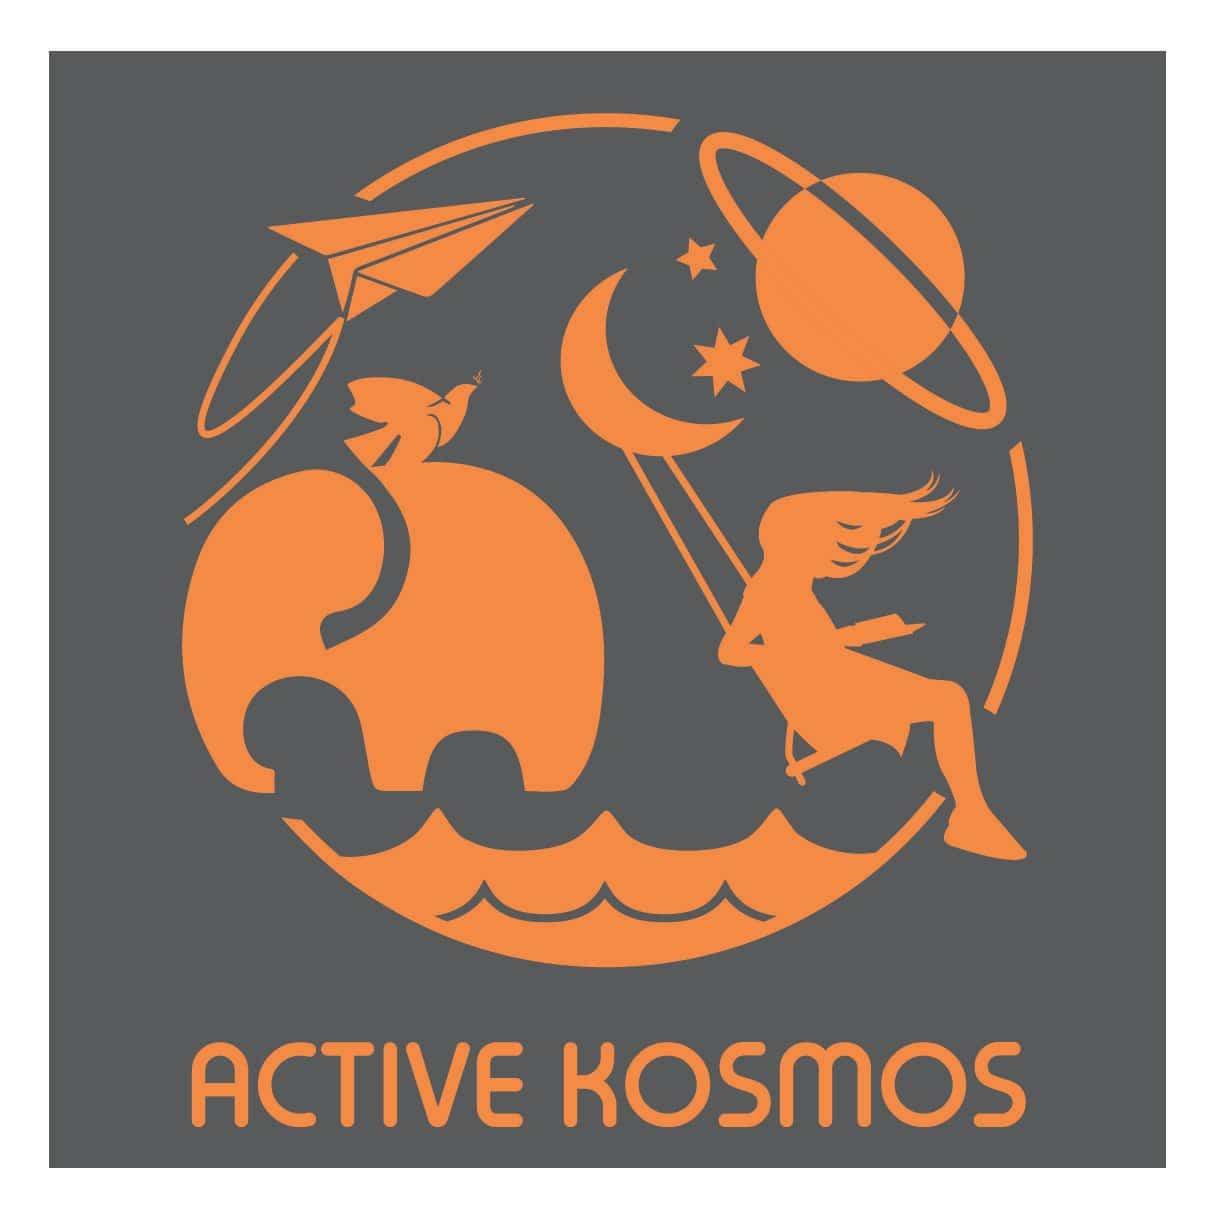 Jóvenes herencianos caminantes del mundo fundan Active Kosmos (AK) 3